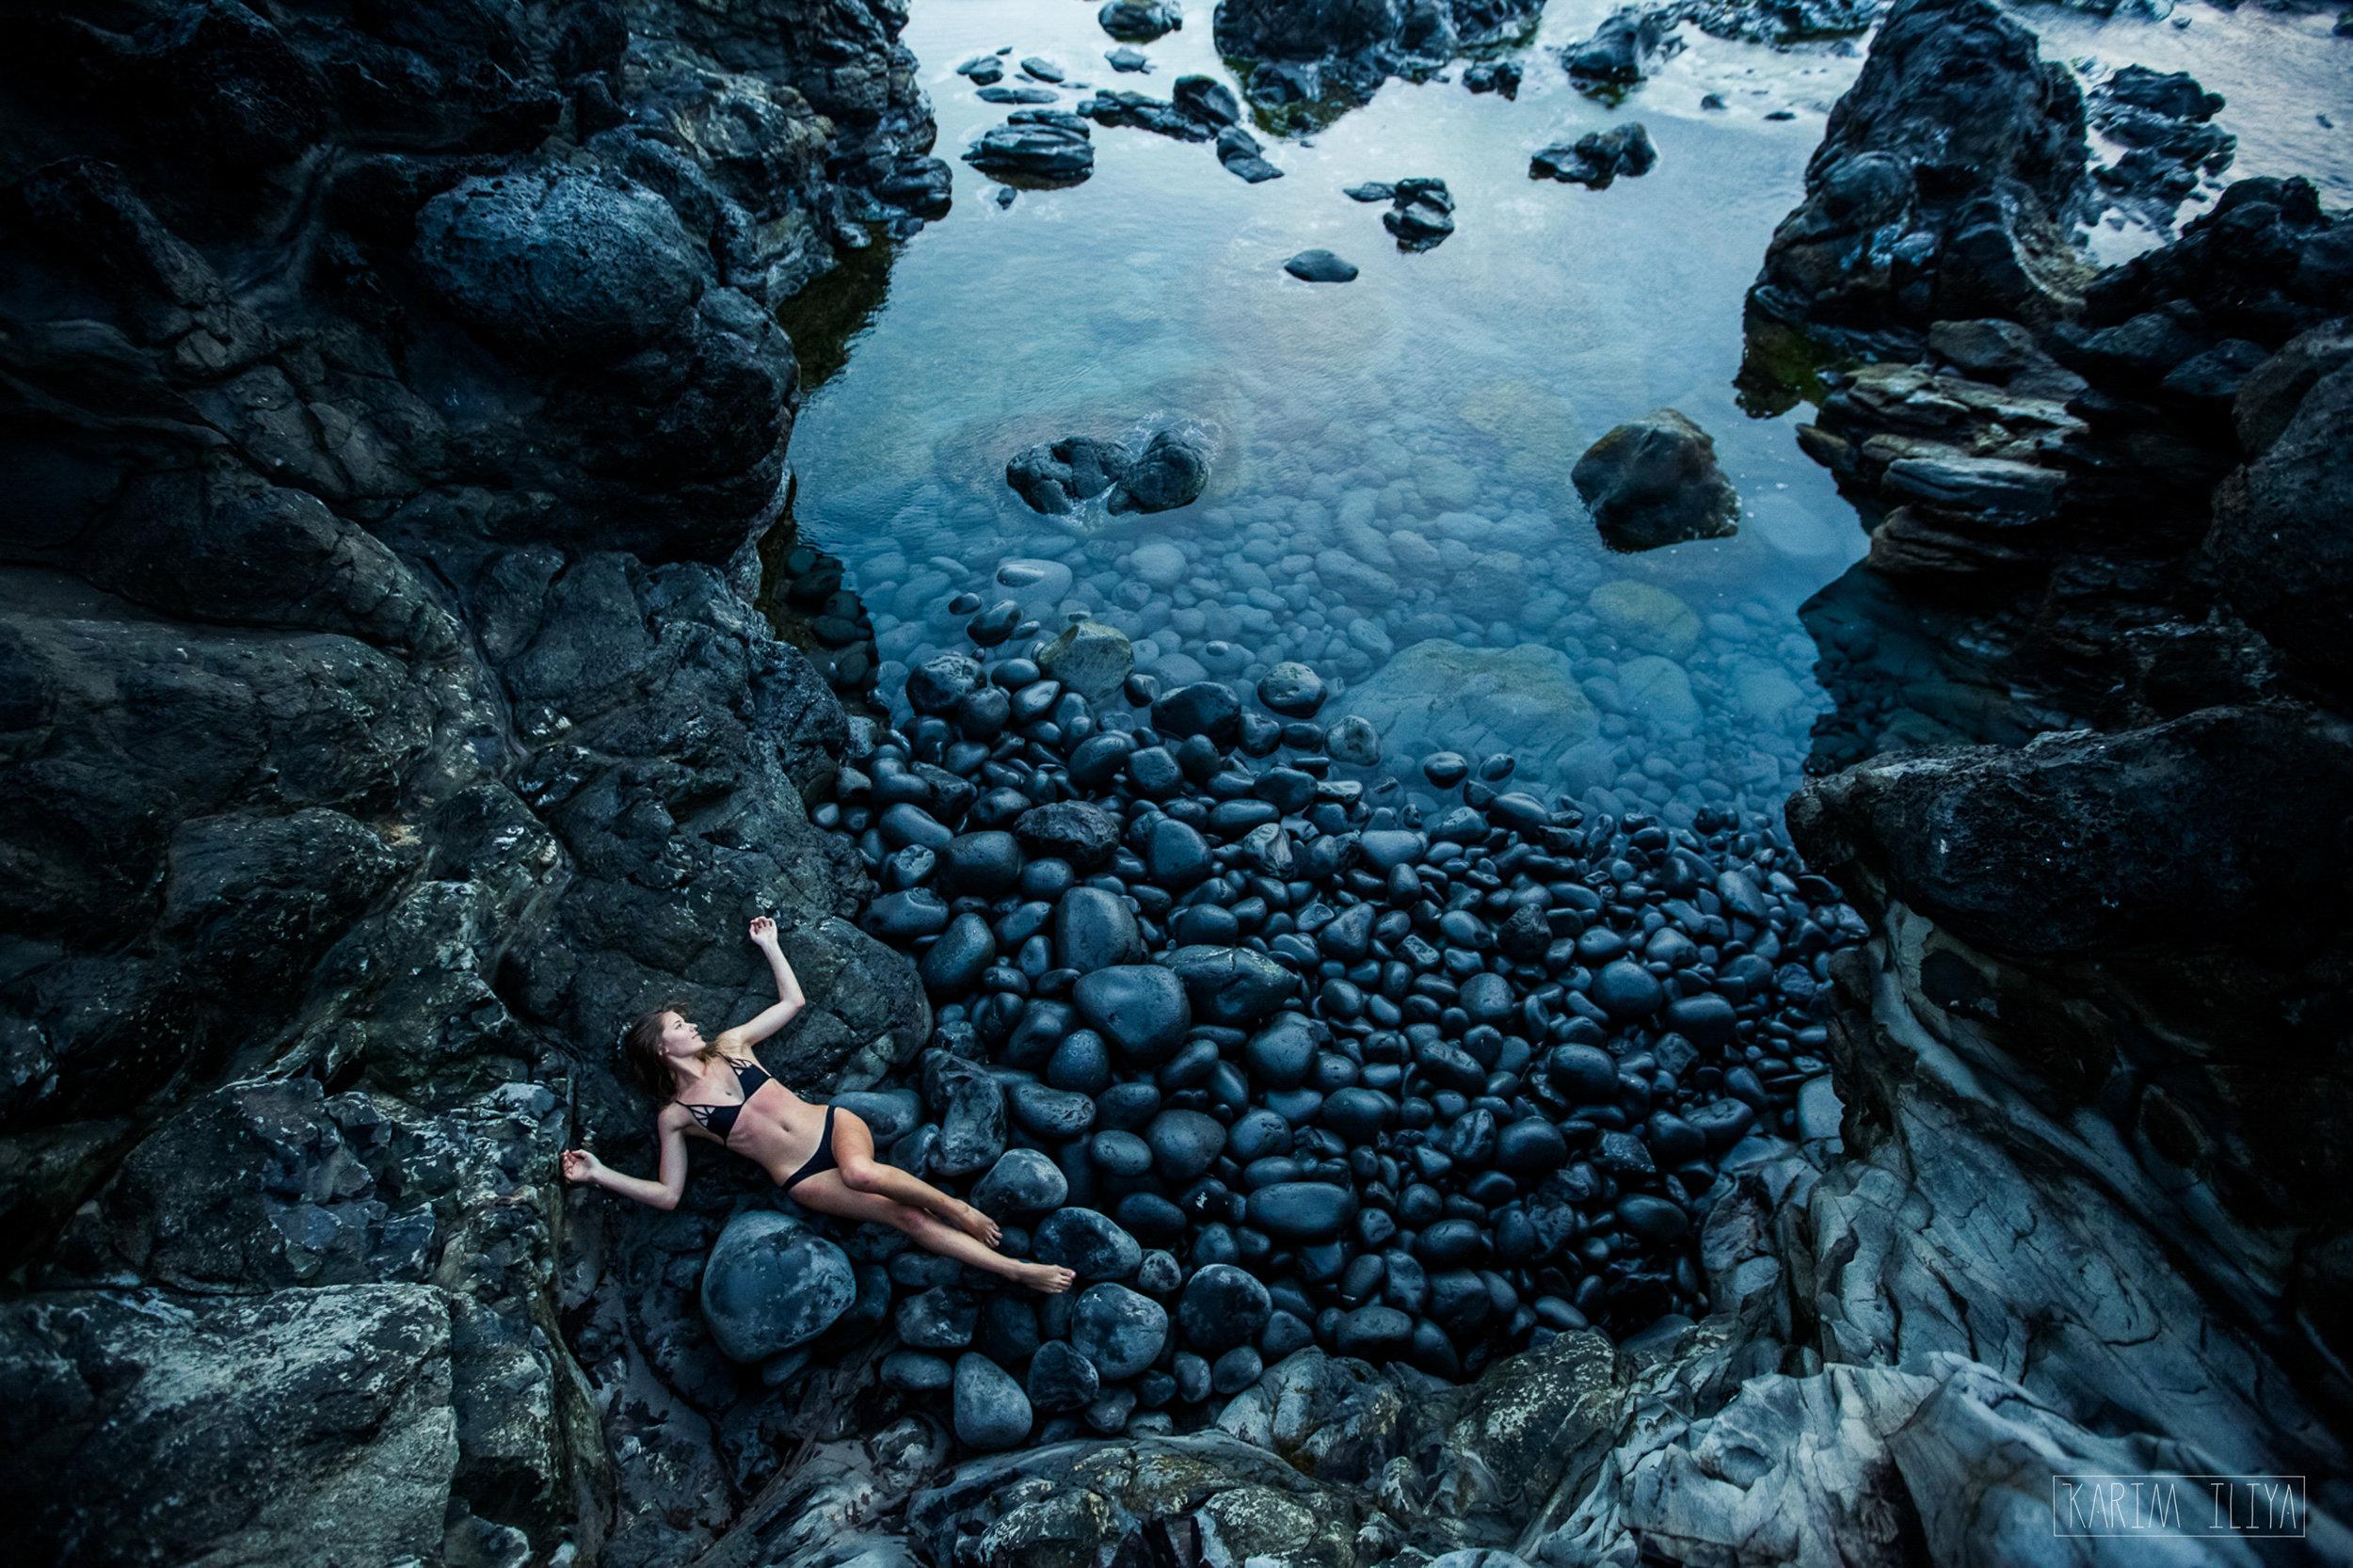 KARIM_ILIYA_PHOTOGRAPHY_HAWAII_SWIMWEAR_BIKINI_BEACH37.jpg